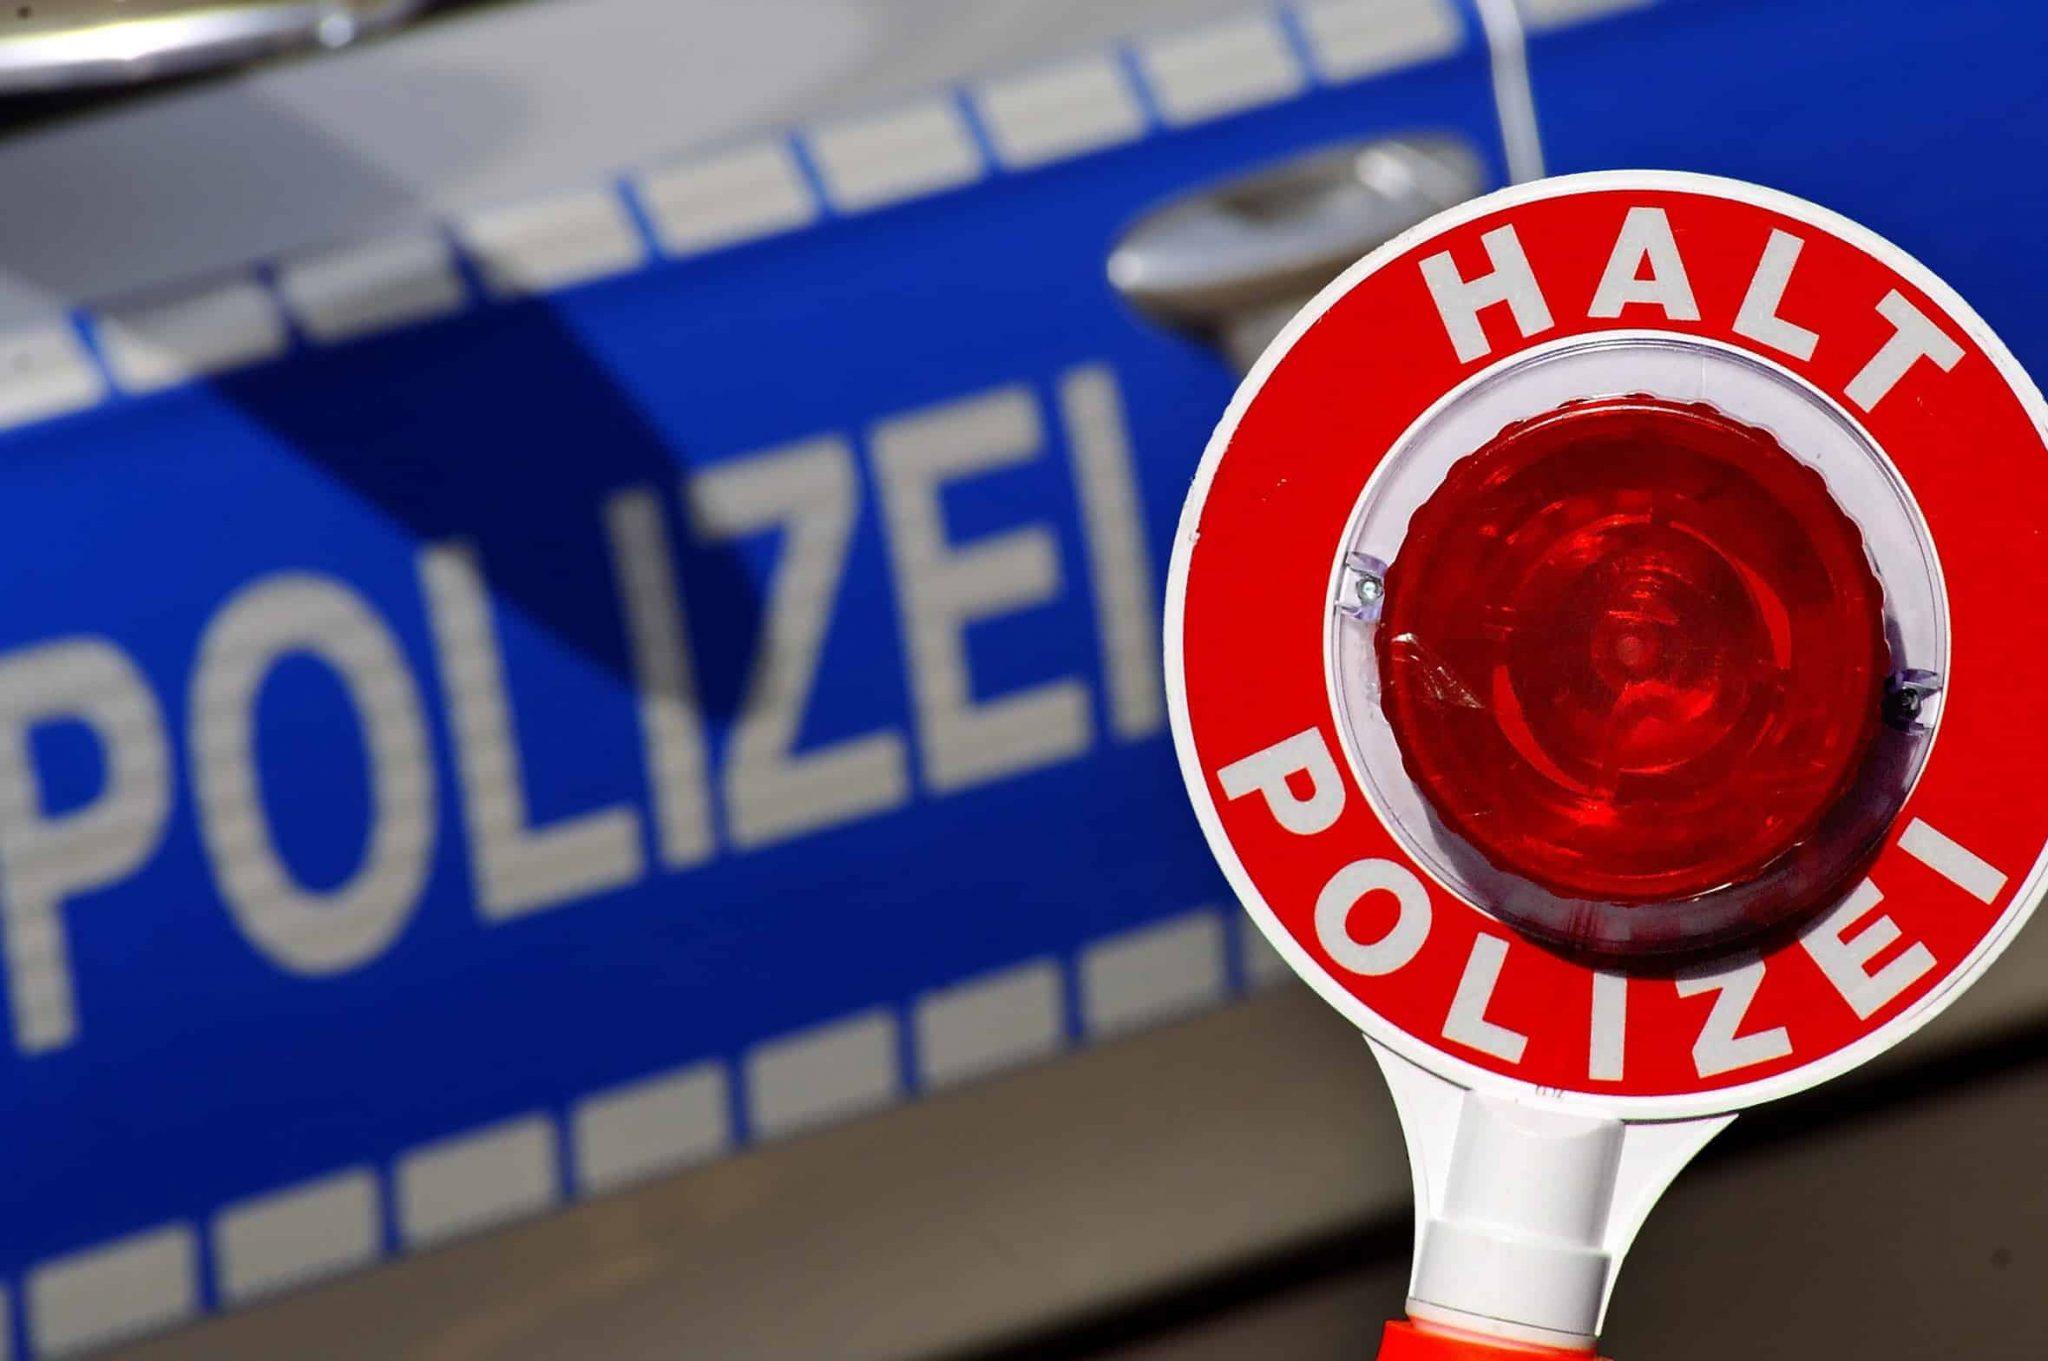 Aufforderung in der Polizeikontrolle zum Atemalkoholtest.